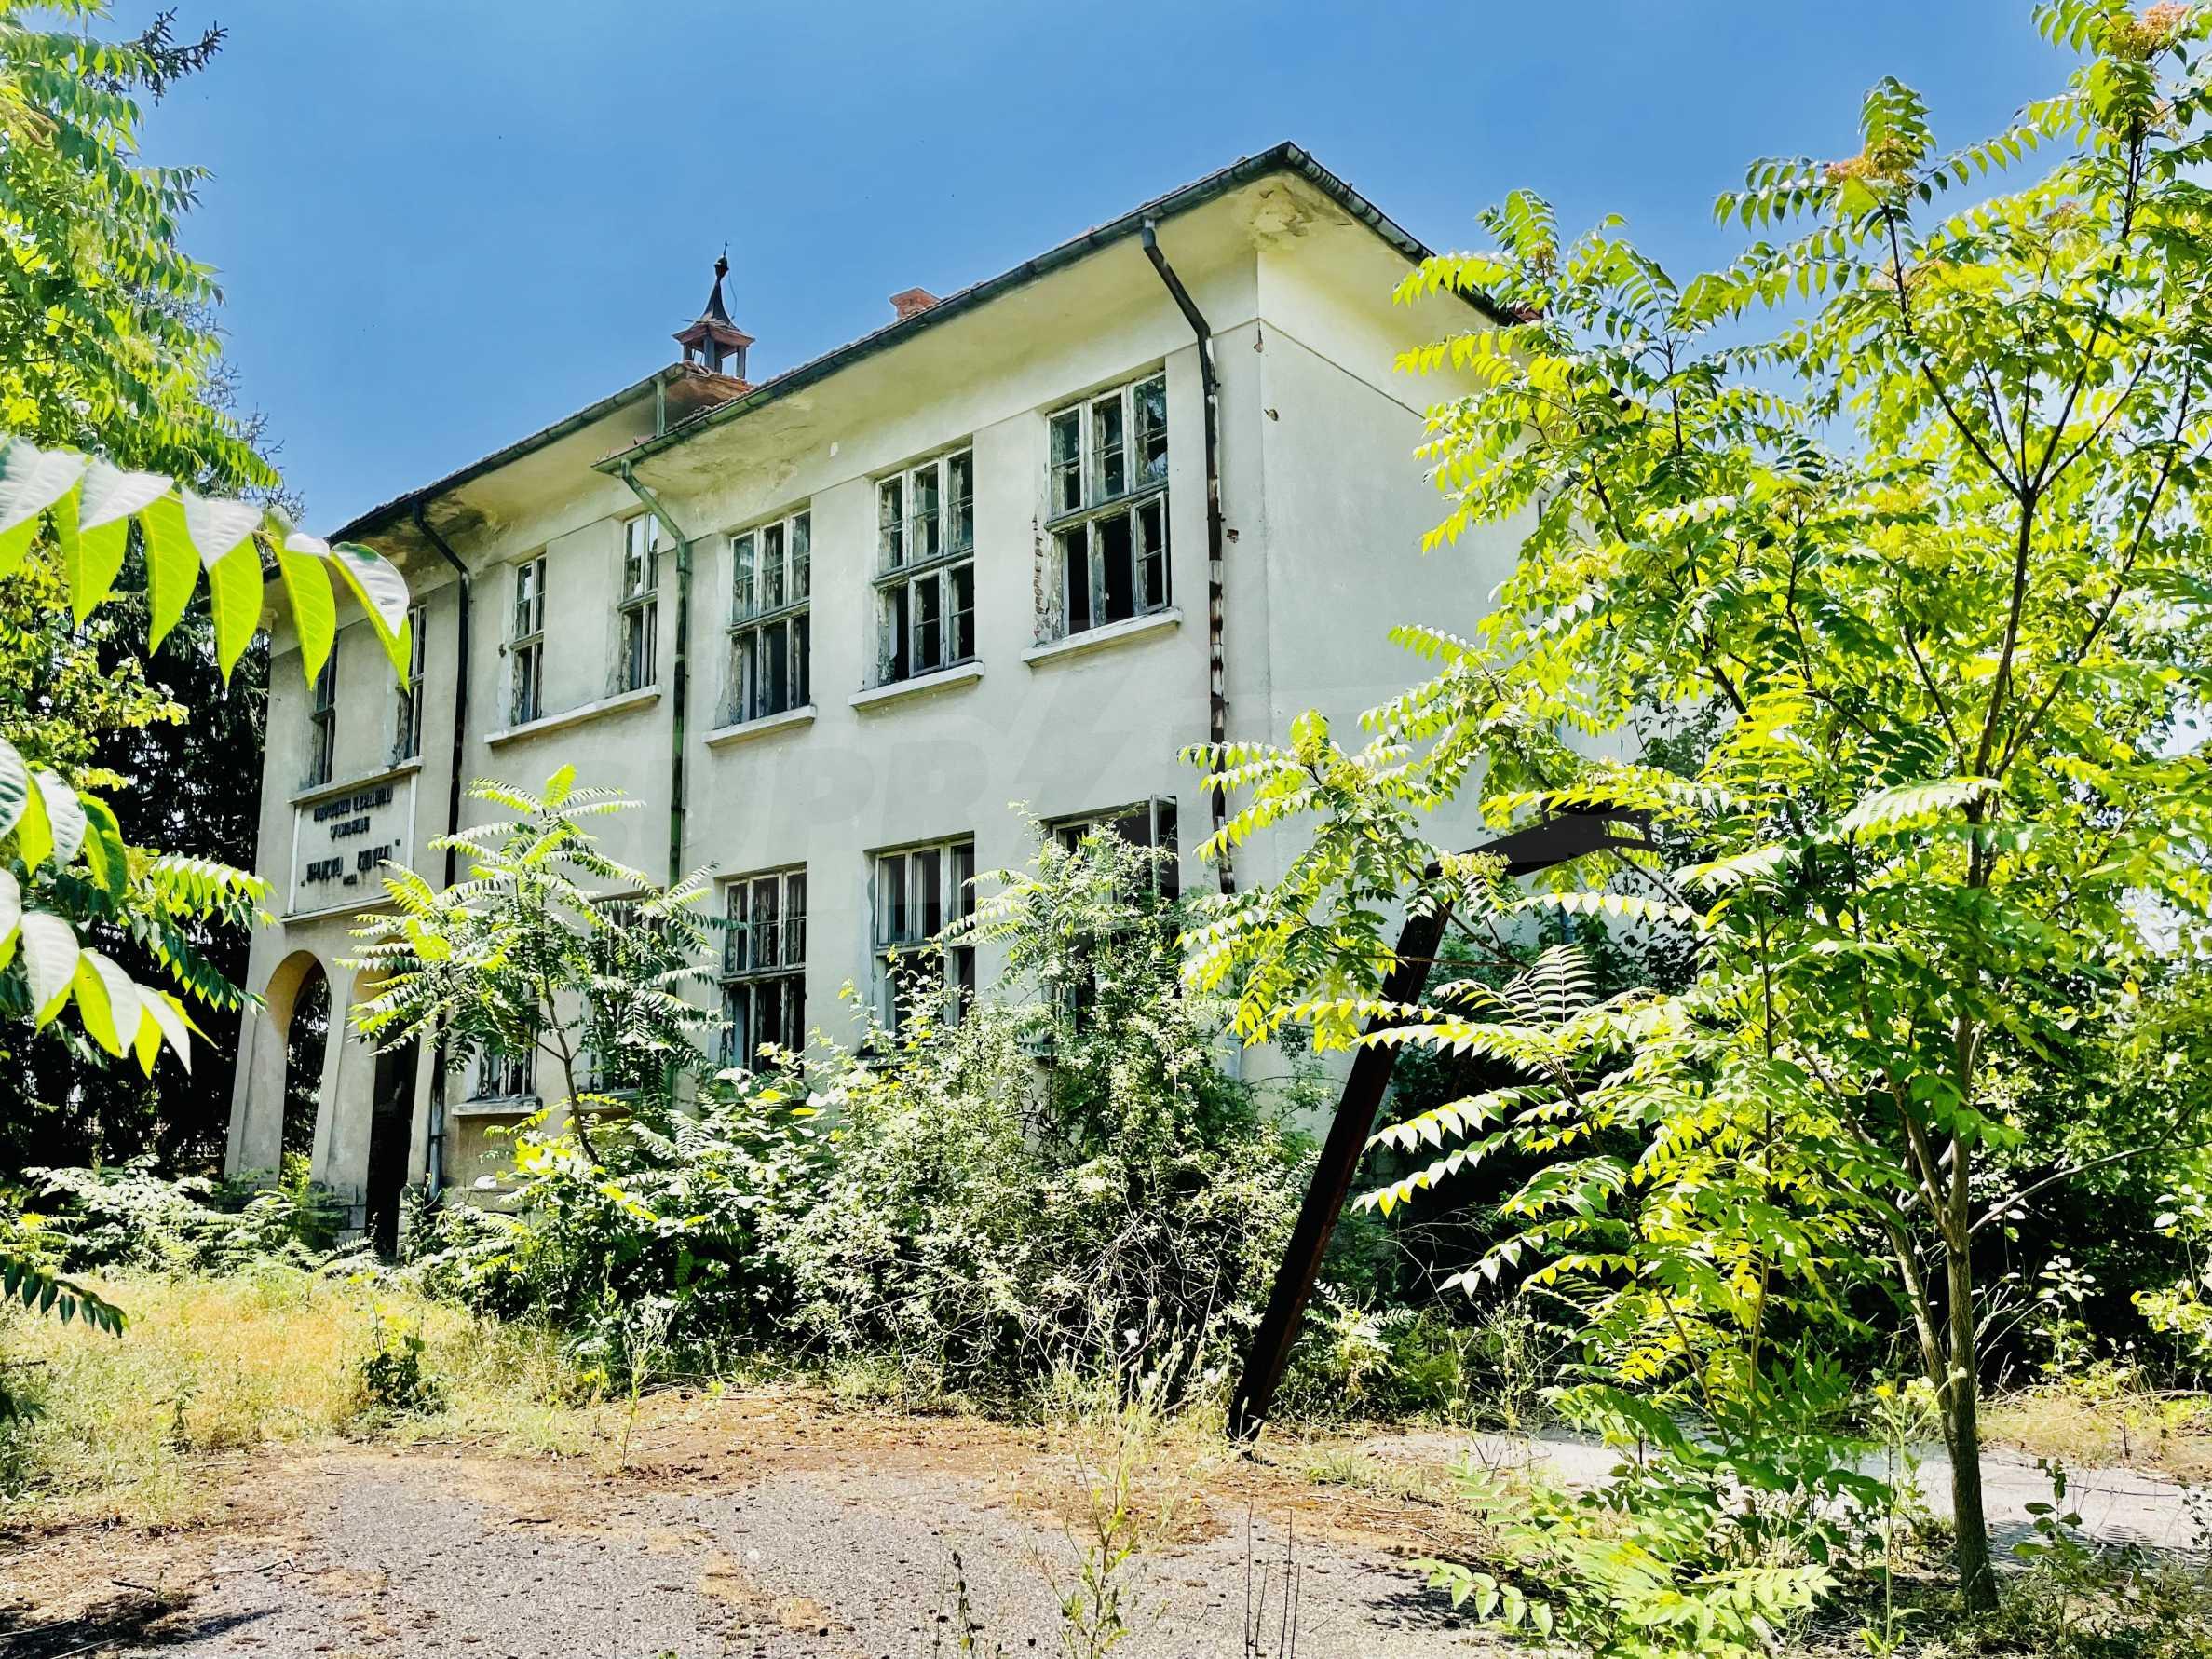 Zwei massive Gebäude auf einem großen Grundstück 35 km von der Stadt Russe und der Donau entfernt 28